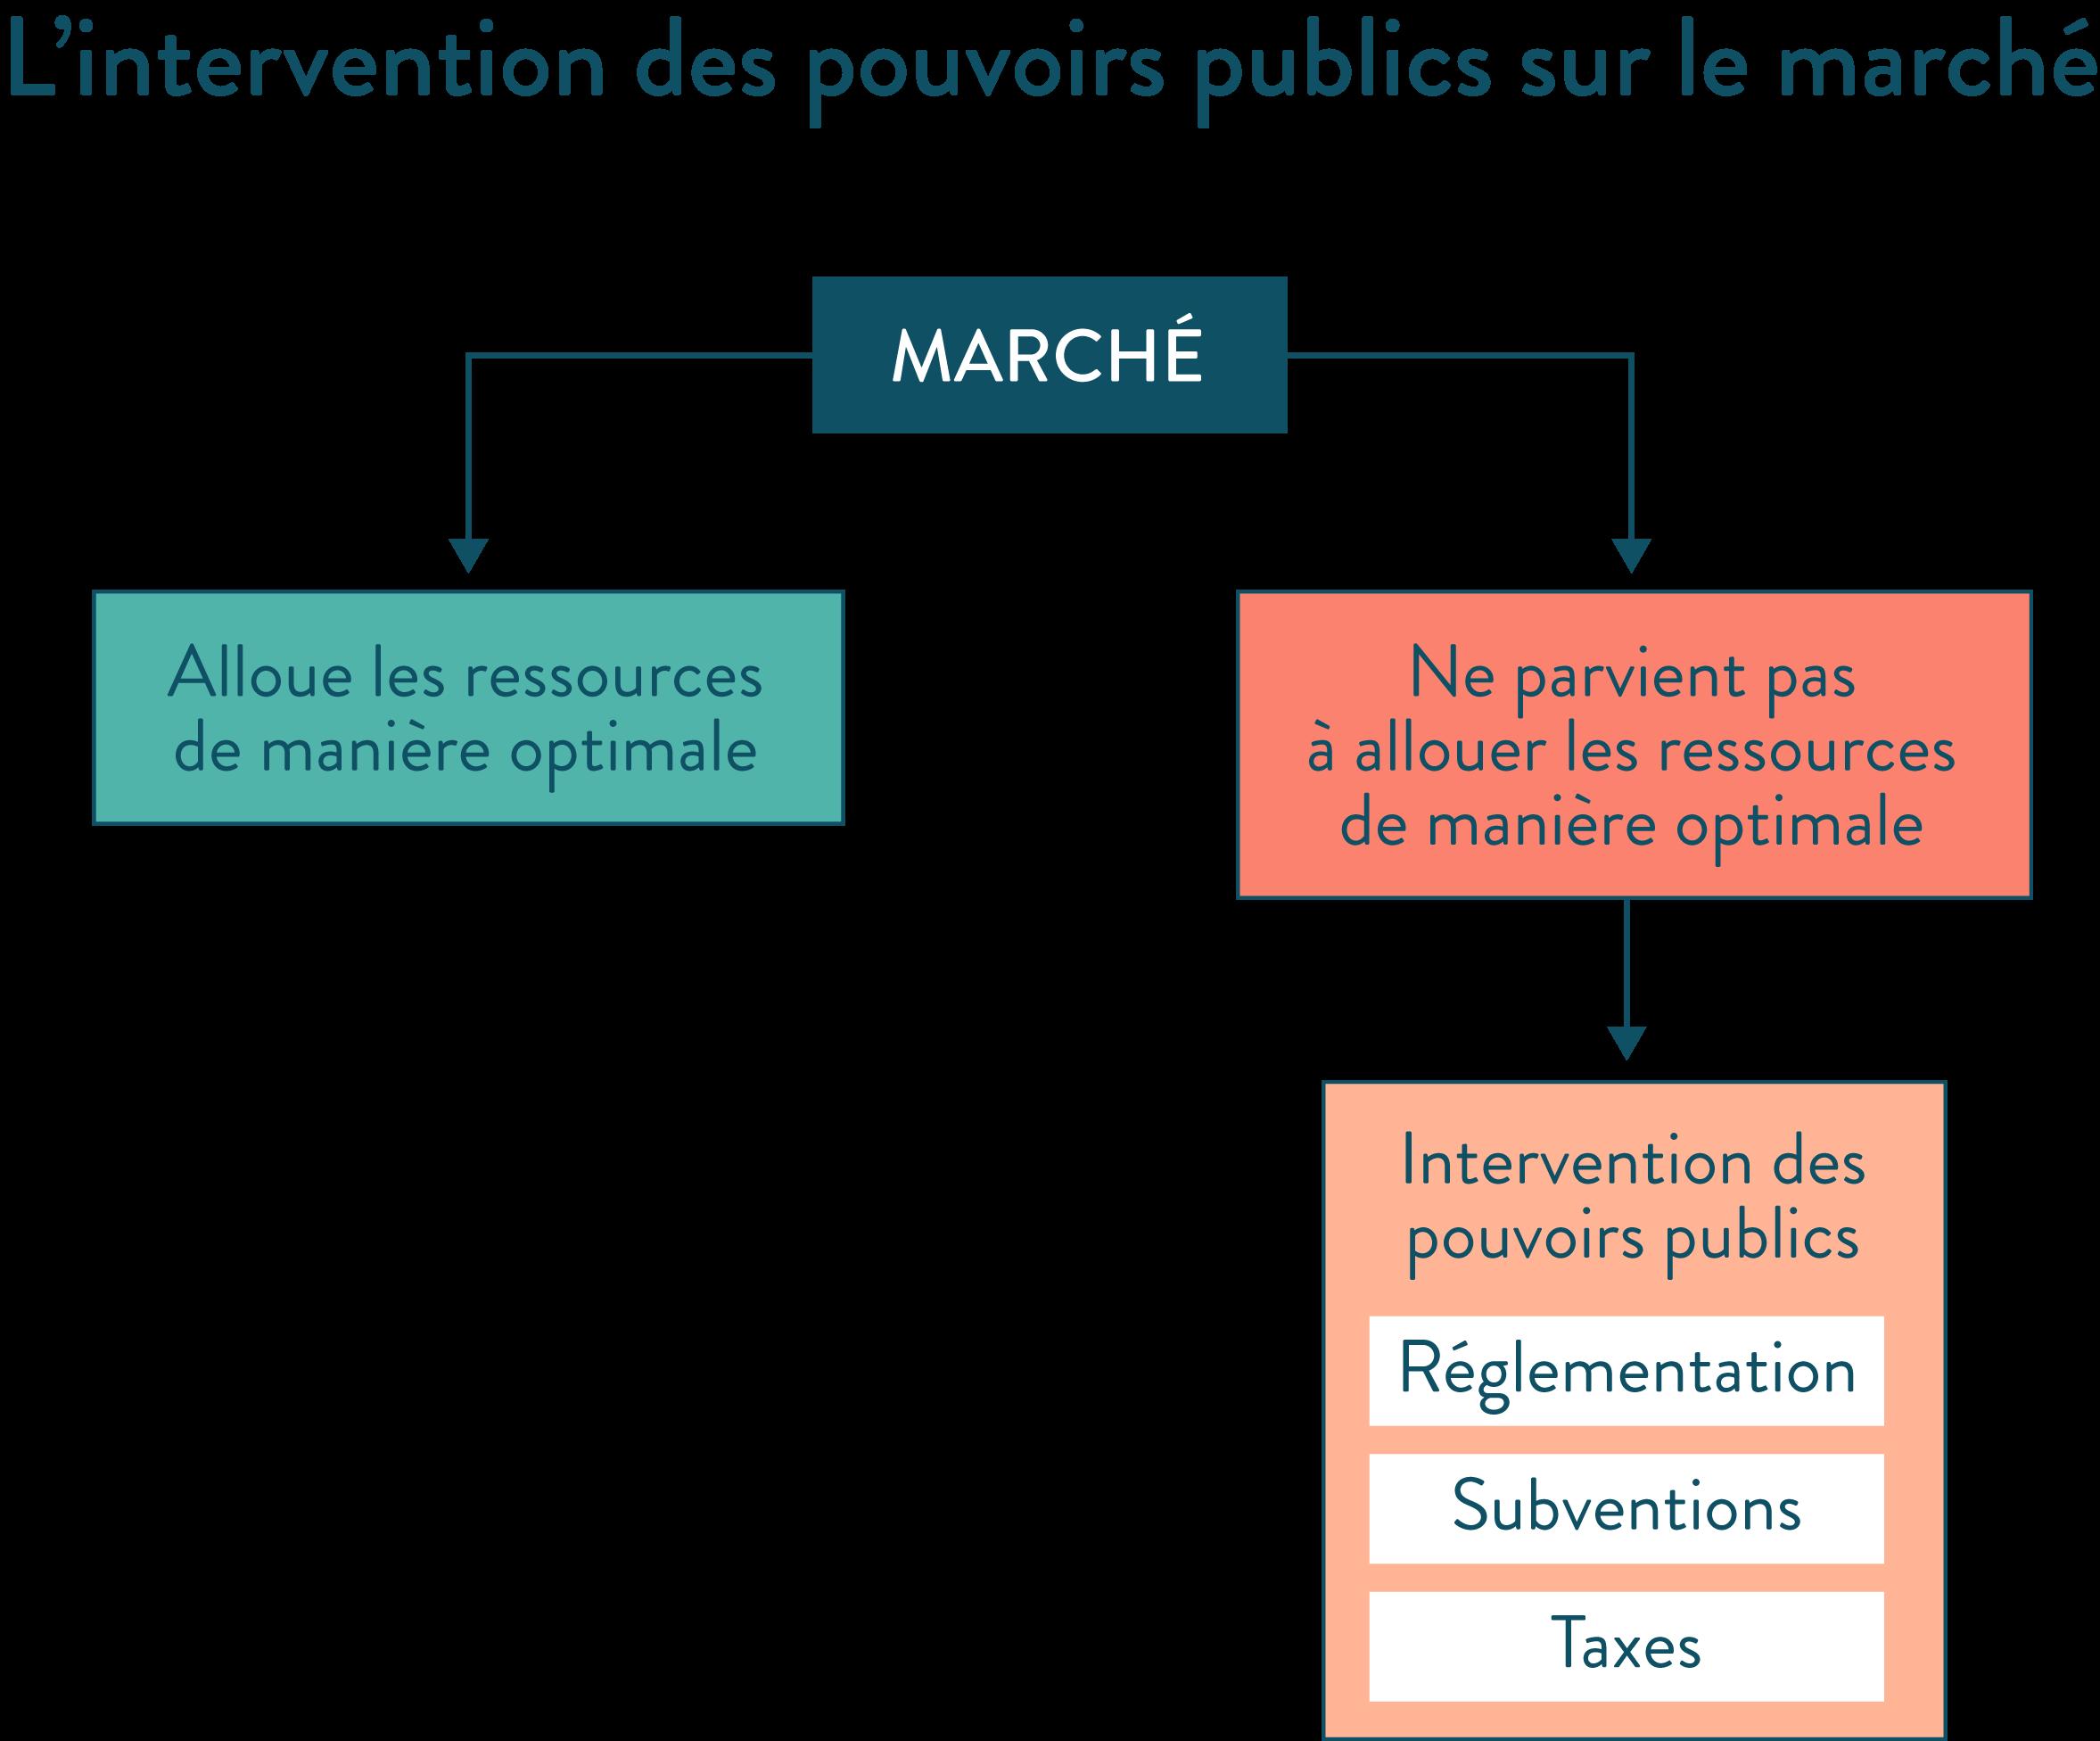 L'intervention des pouvoirs publics sur le marché ressources réglementation subventions taxes schéma ses première